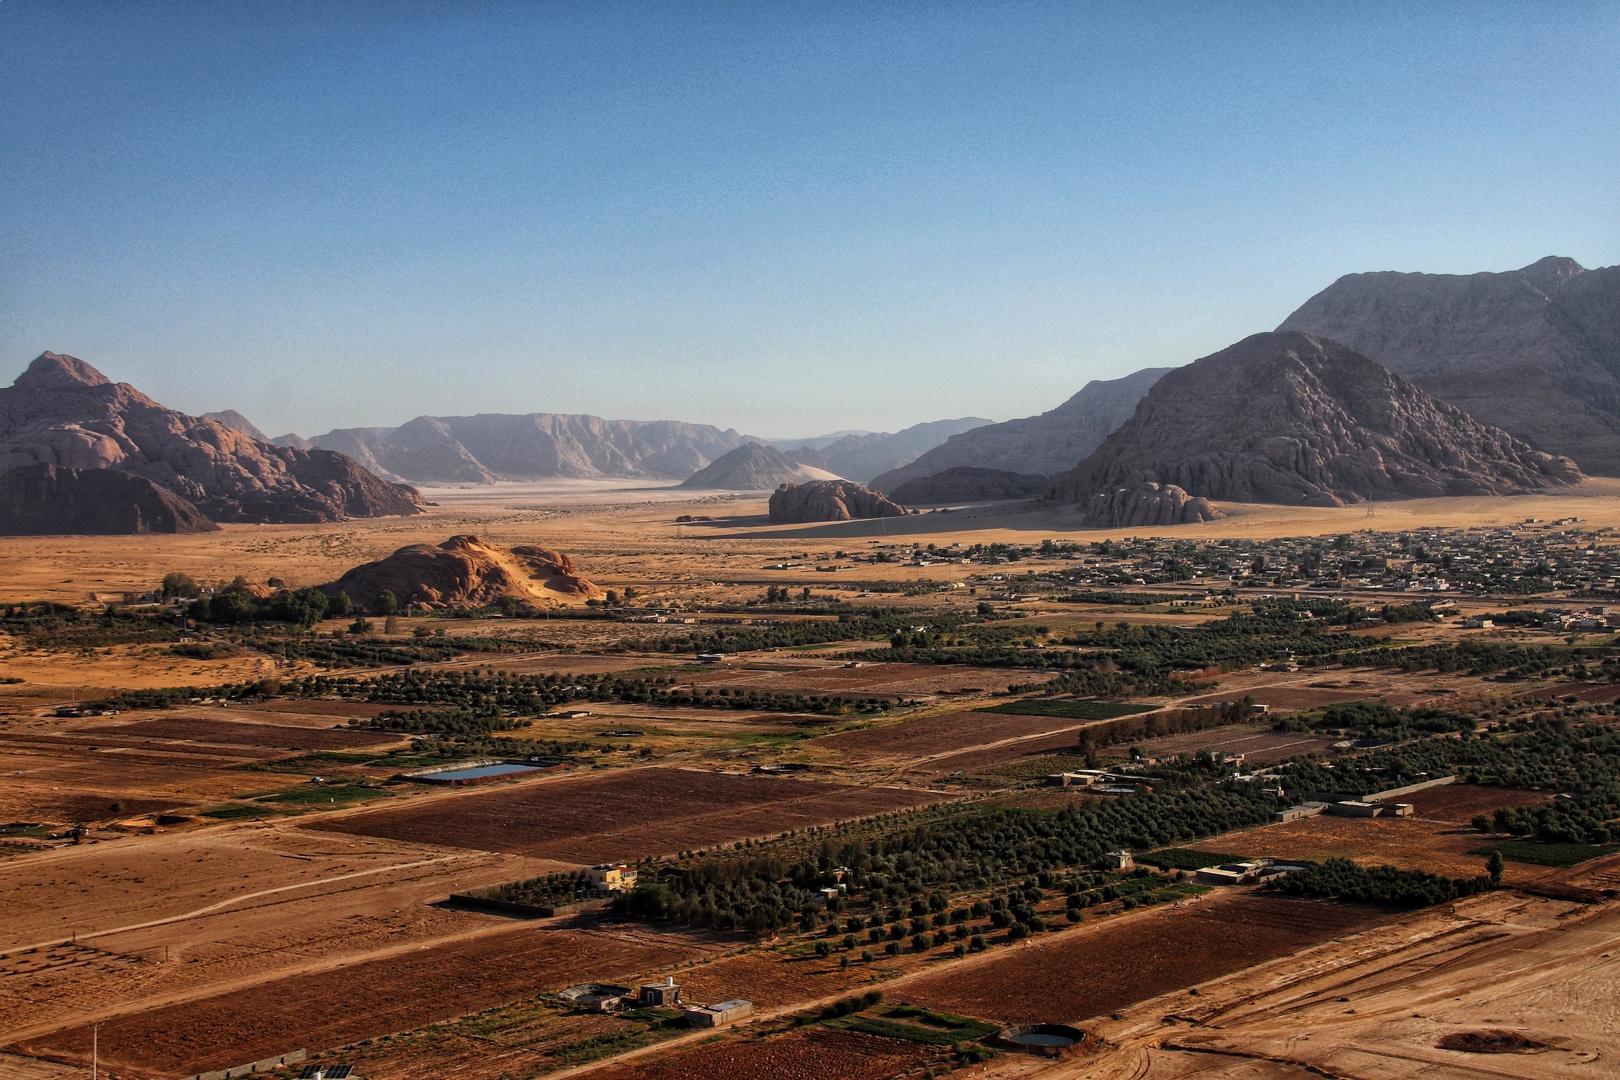 Jordanie - Village de Disseh, dans le désert de Wadi Rum vu du ciel